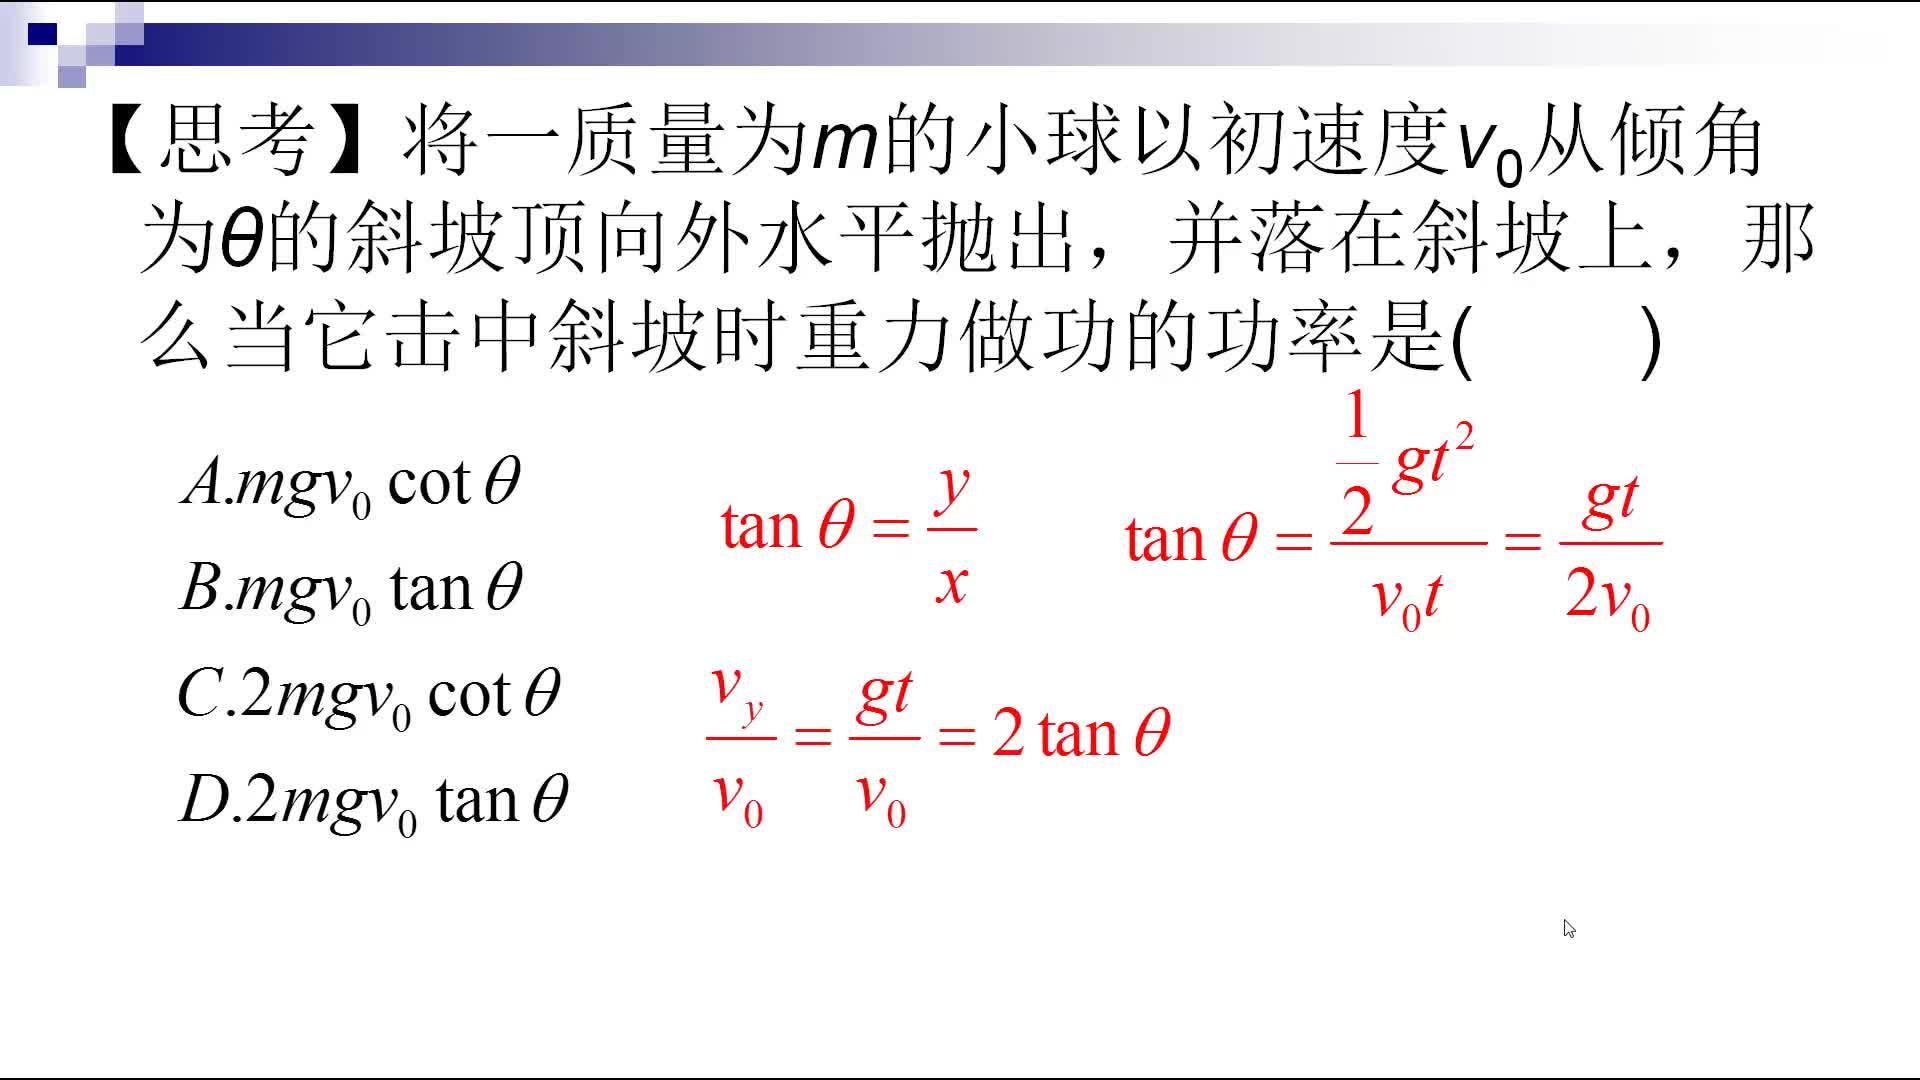 人教版高中物理必修二 7.3功率-重力做功的功率(机械能守恒定律难点辨析)(视频微课堂)